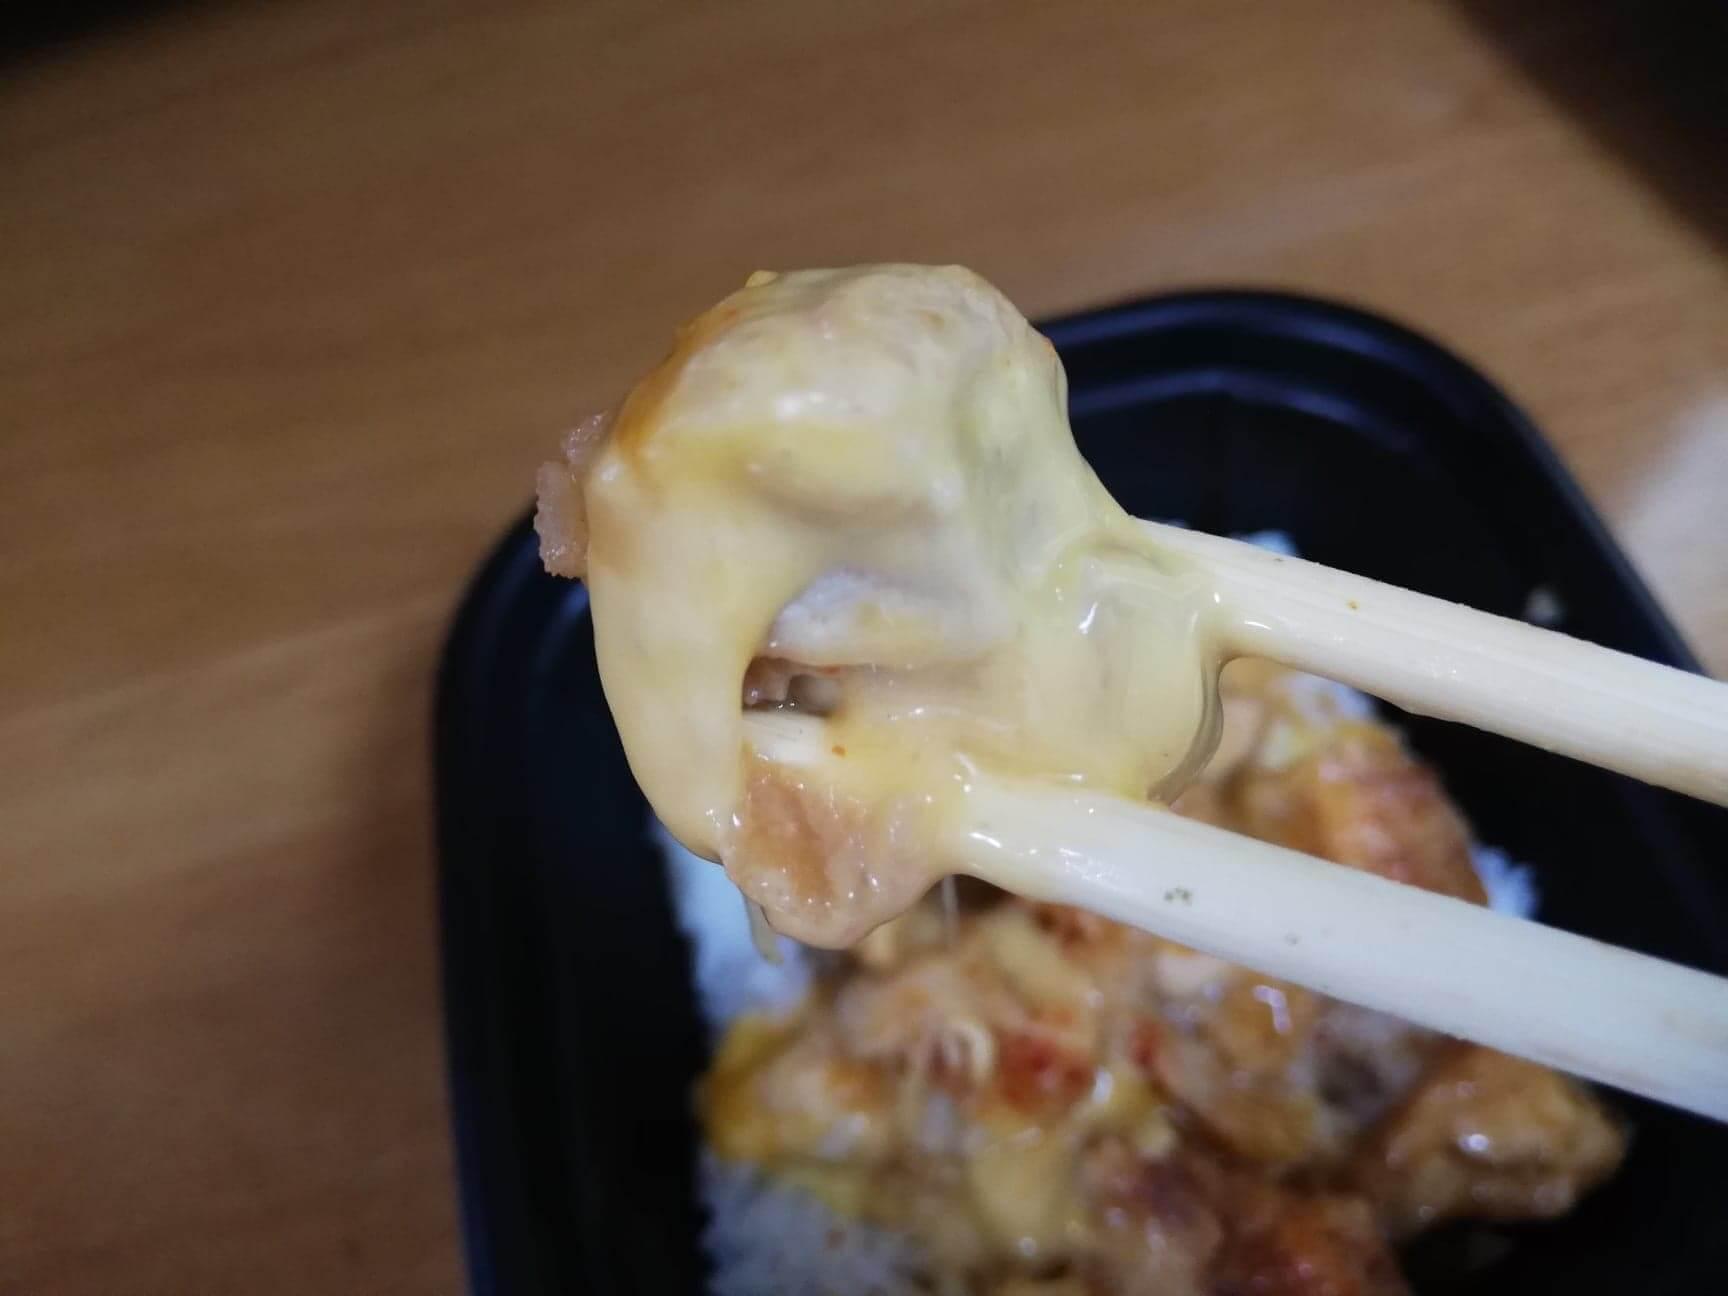 ファミマの『とろーりチーズの唐揚丼』の唐揚げを箸で持ち上げている写真